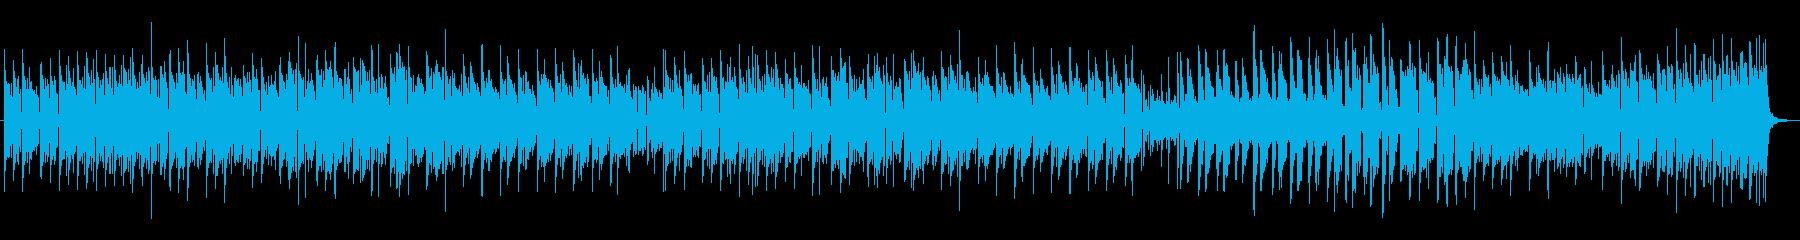 元気でかわいい鼓笛隊風エレクトロニカの再生済みの波形